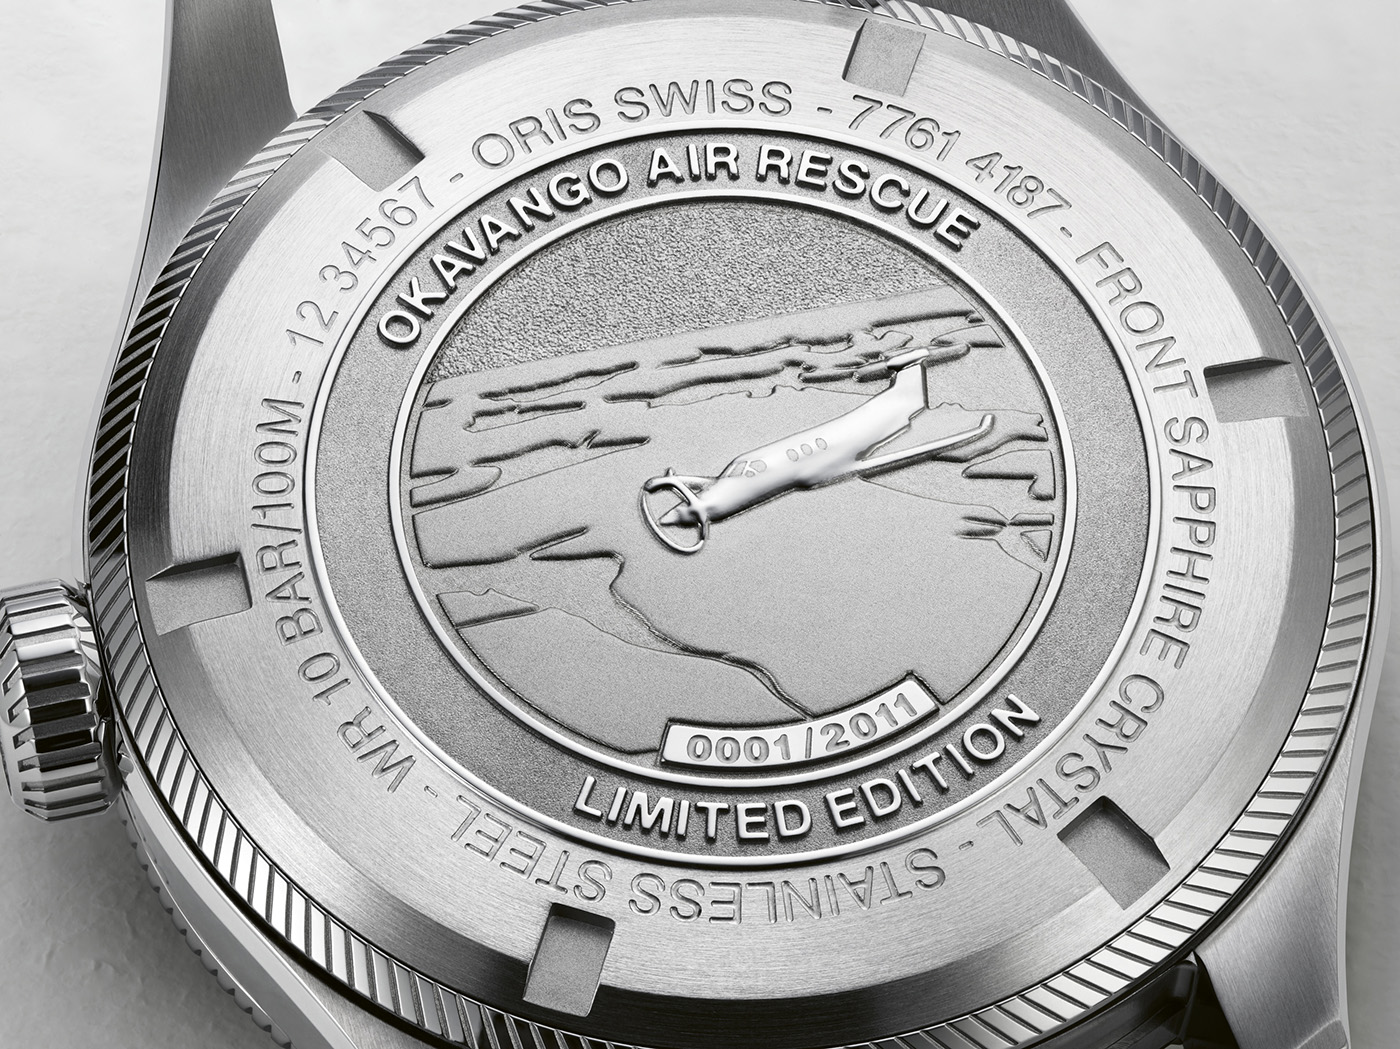 Oris объявляет о выпуске ограниченной серии часов Okavango Air Rescue